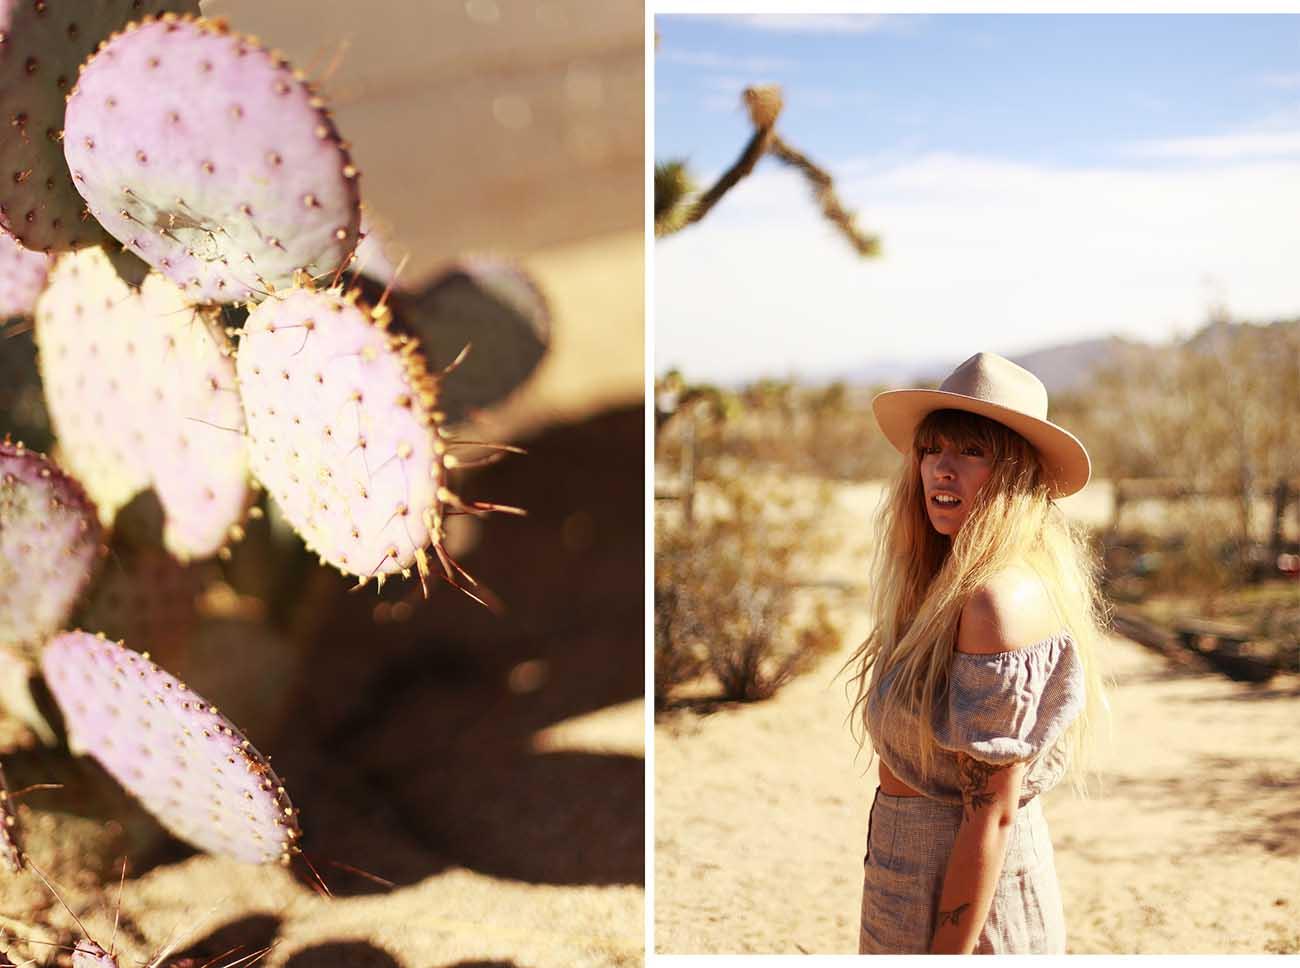 cactusjt